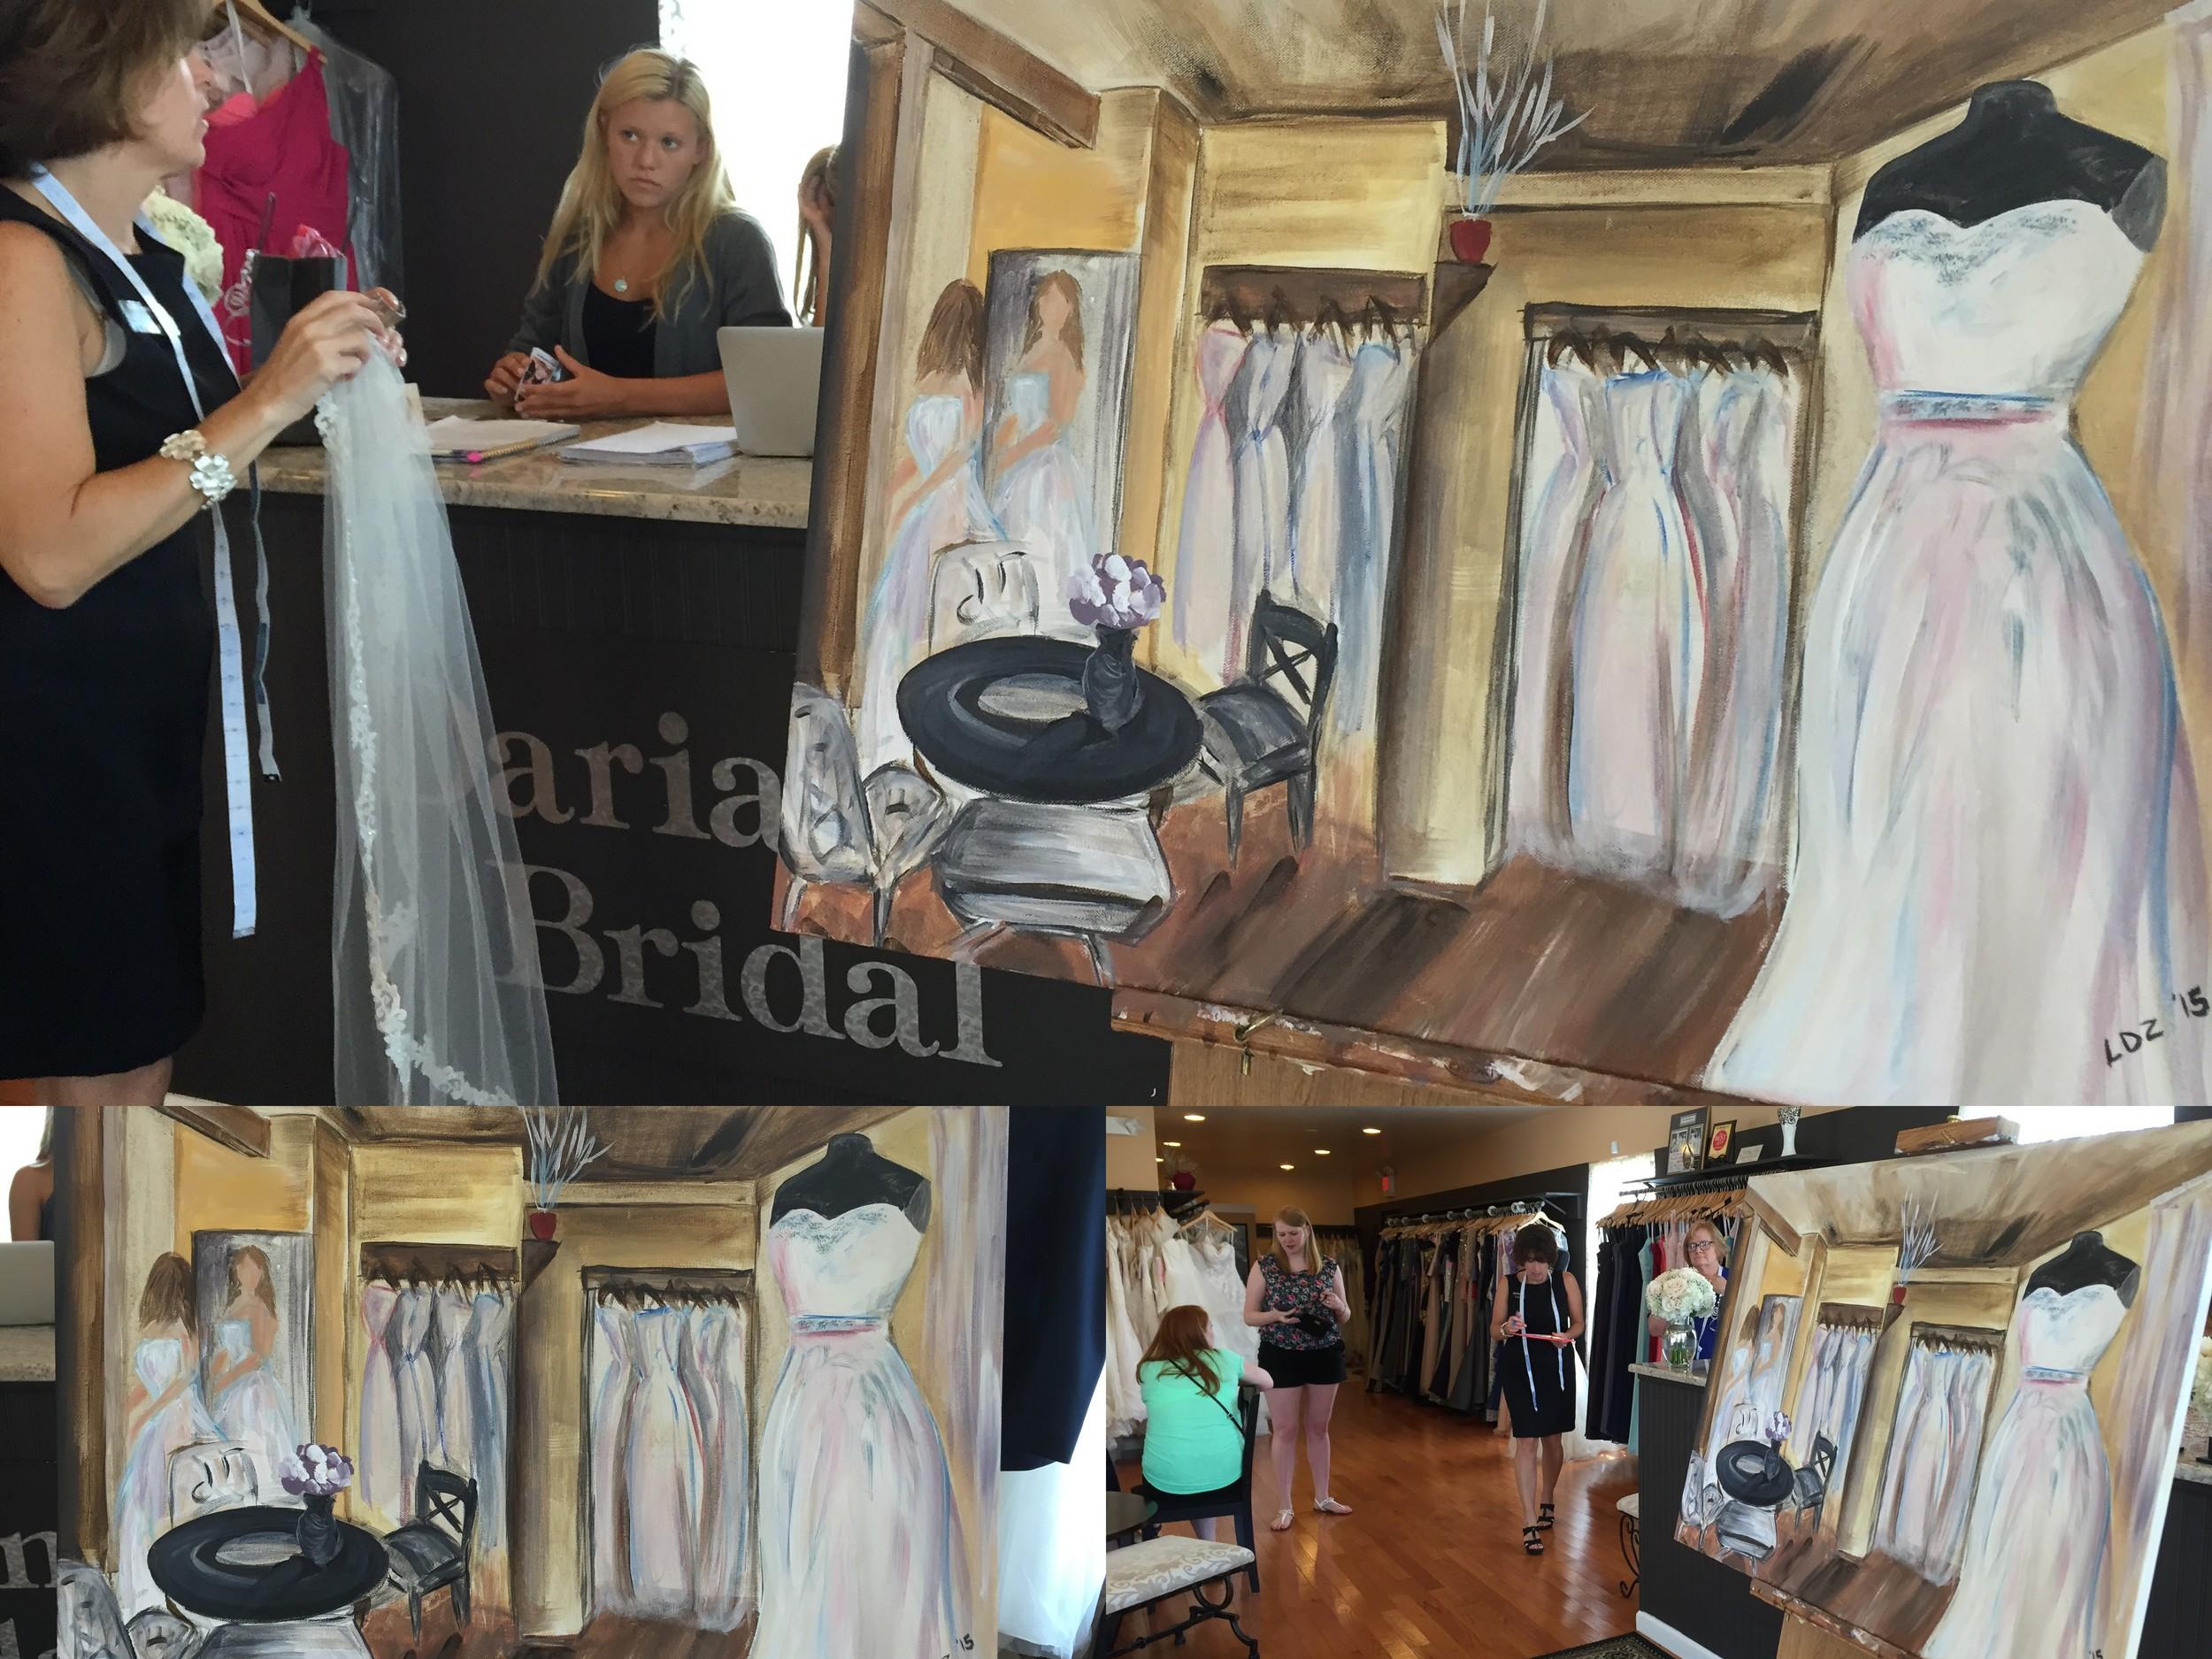 Darianna Bridal Trunk Show!